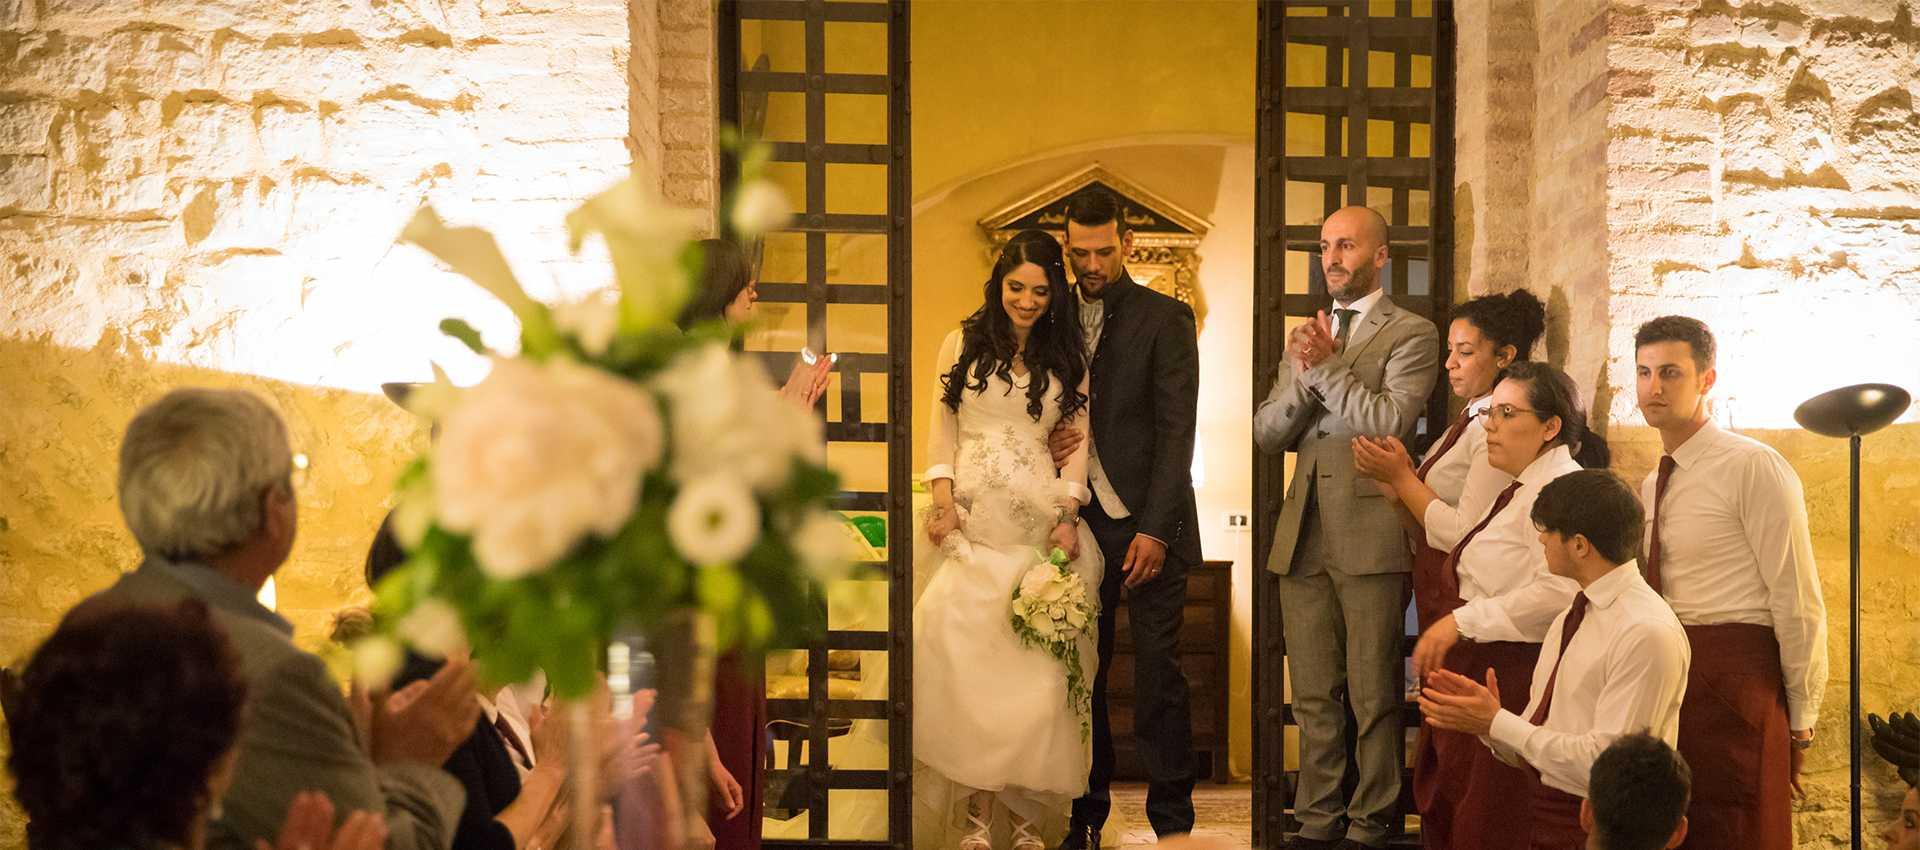 Tema Matrimonio In Un Castello : Matrimonio in stile medievale la fiaba di jessica e lorenzo